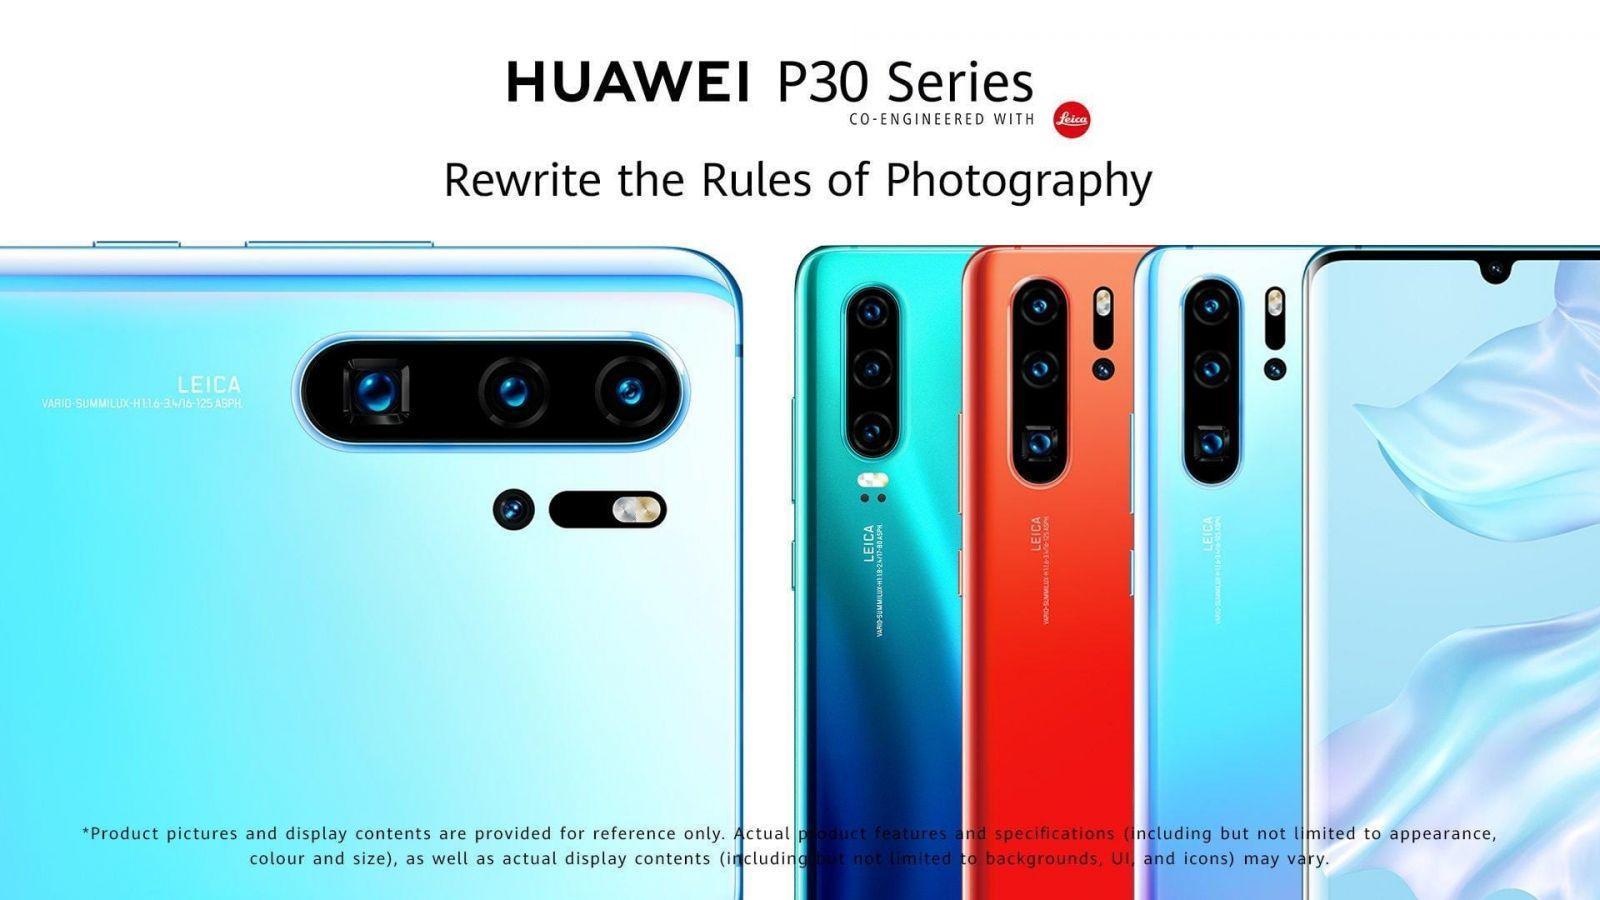 Huawei привезла флагманские смартфоны P30 Lite, P30 и P30 Pro в Россию. Цены и старт продаж (d2ljlemwoaebc3e)